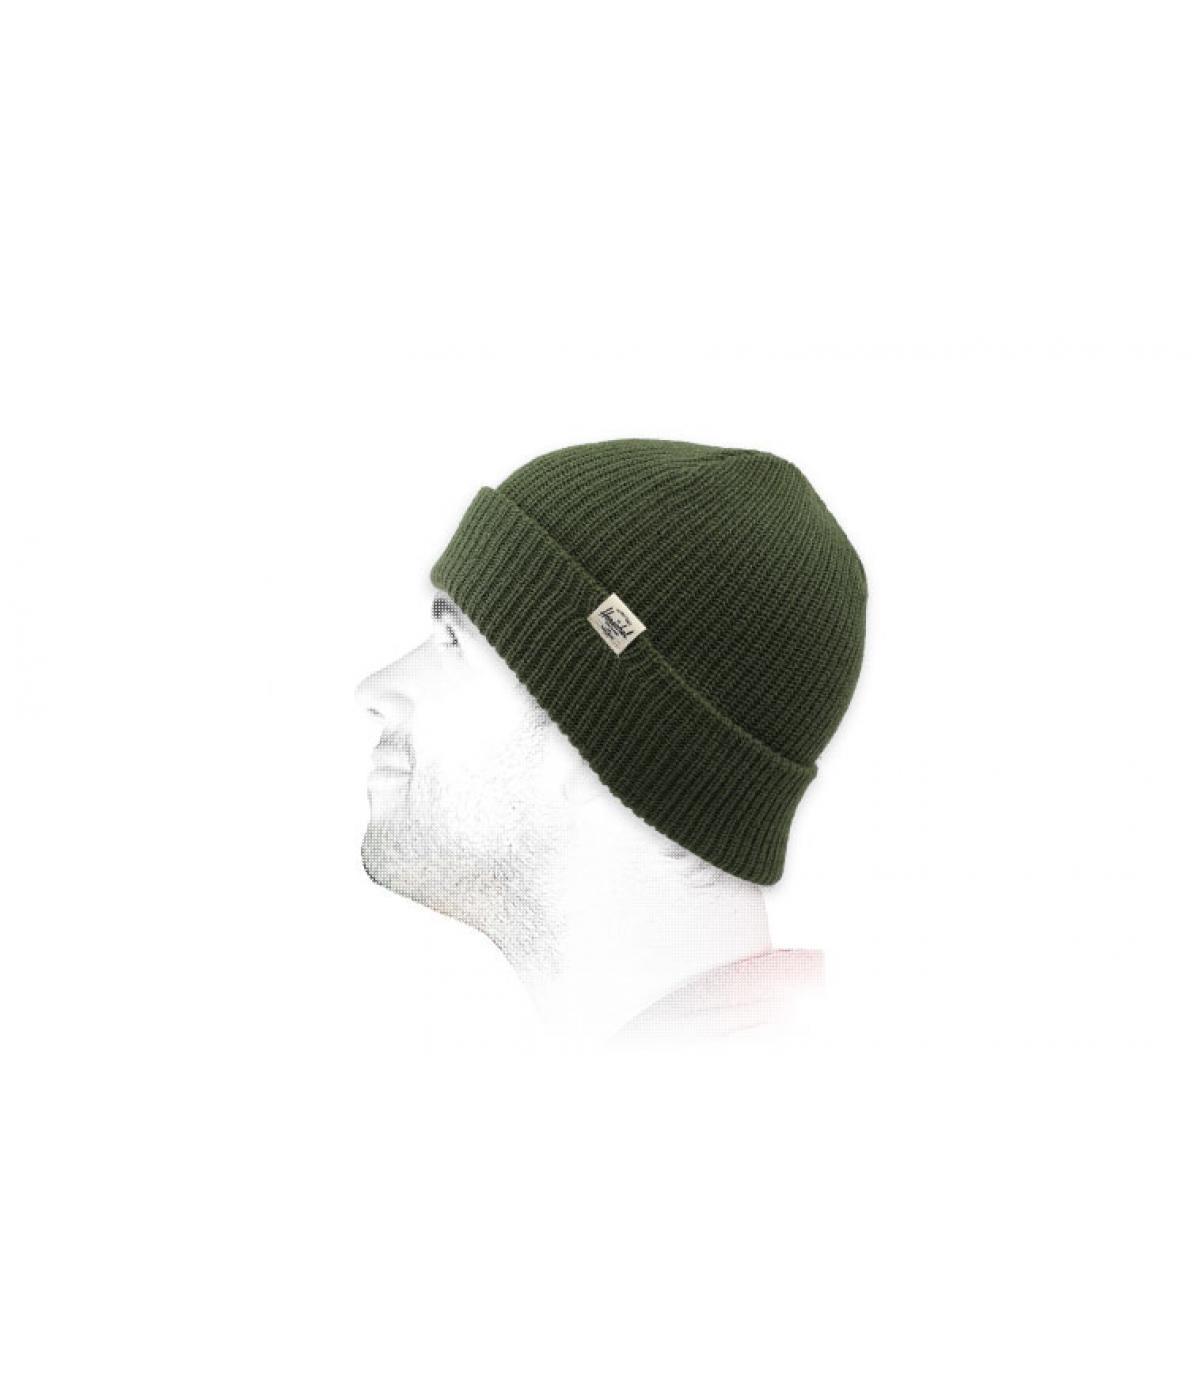 Mütze mit Rand Herchel grün